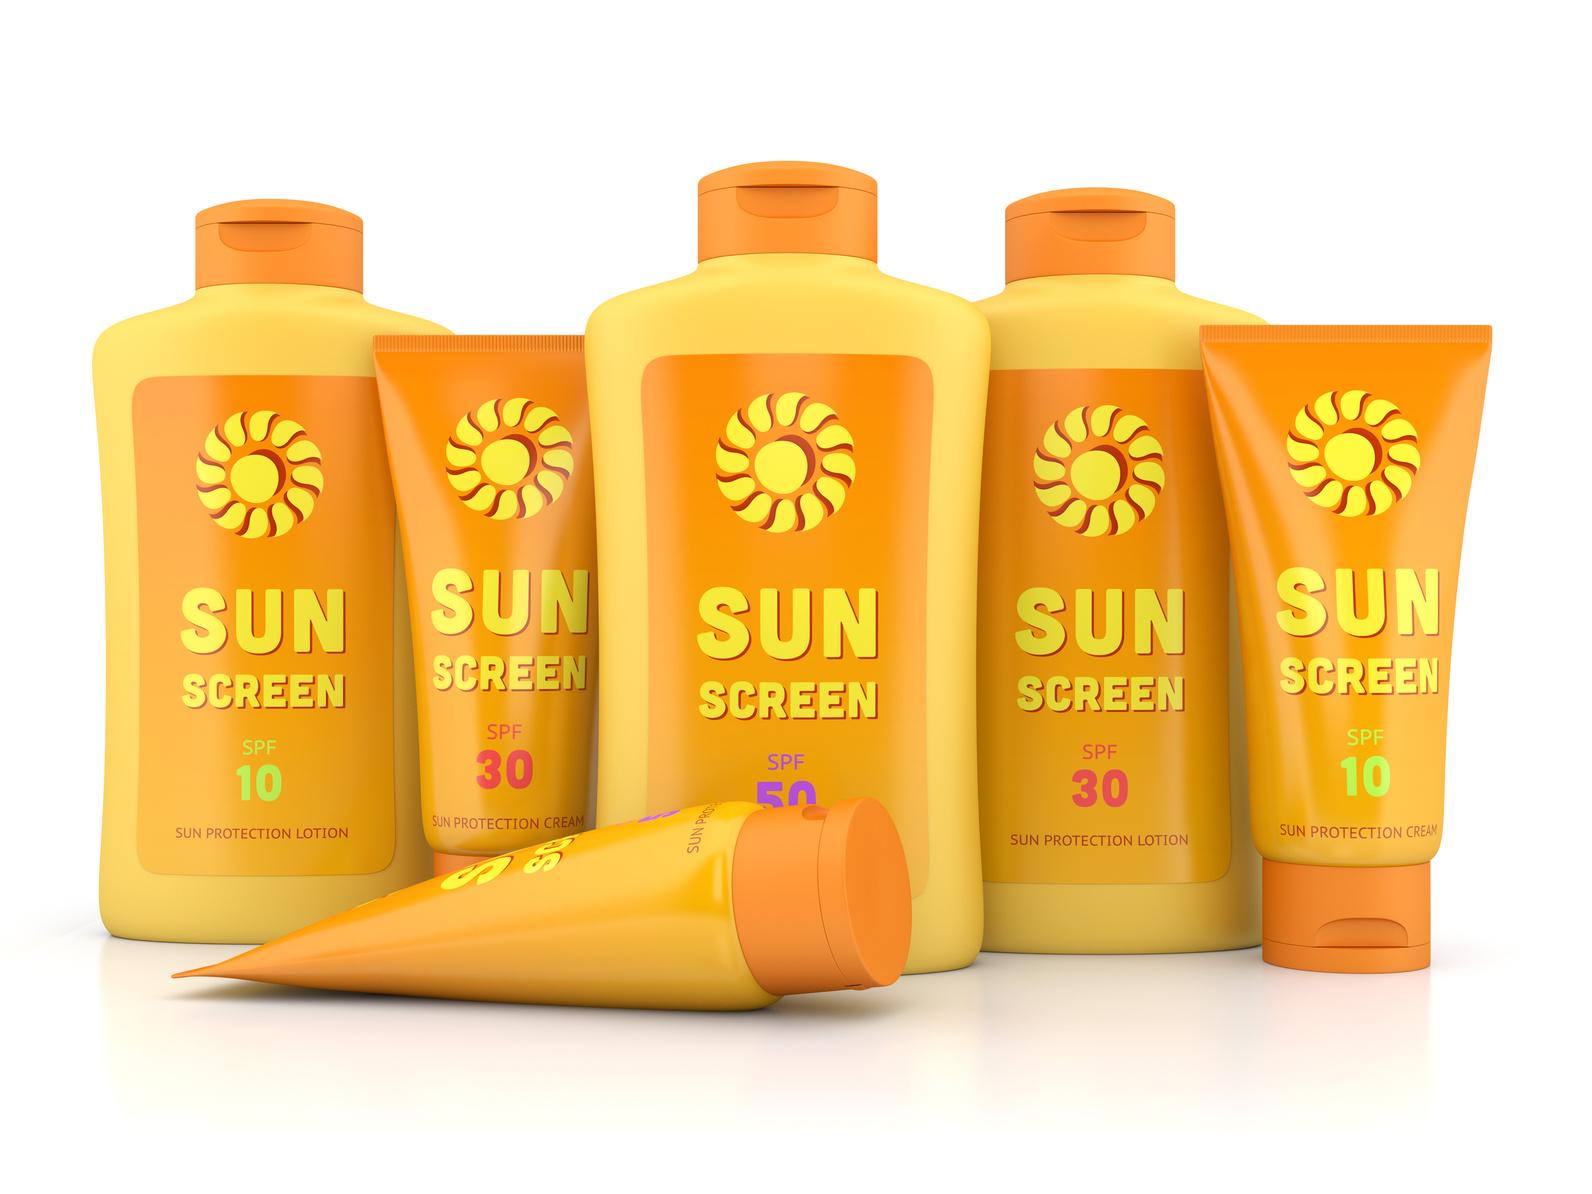 Verschiedene Sonnencremes in gelben Spendern